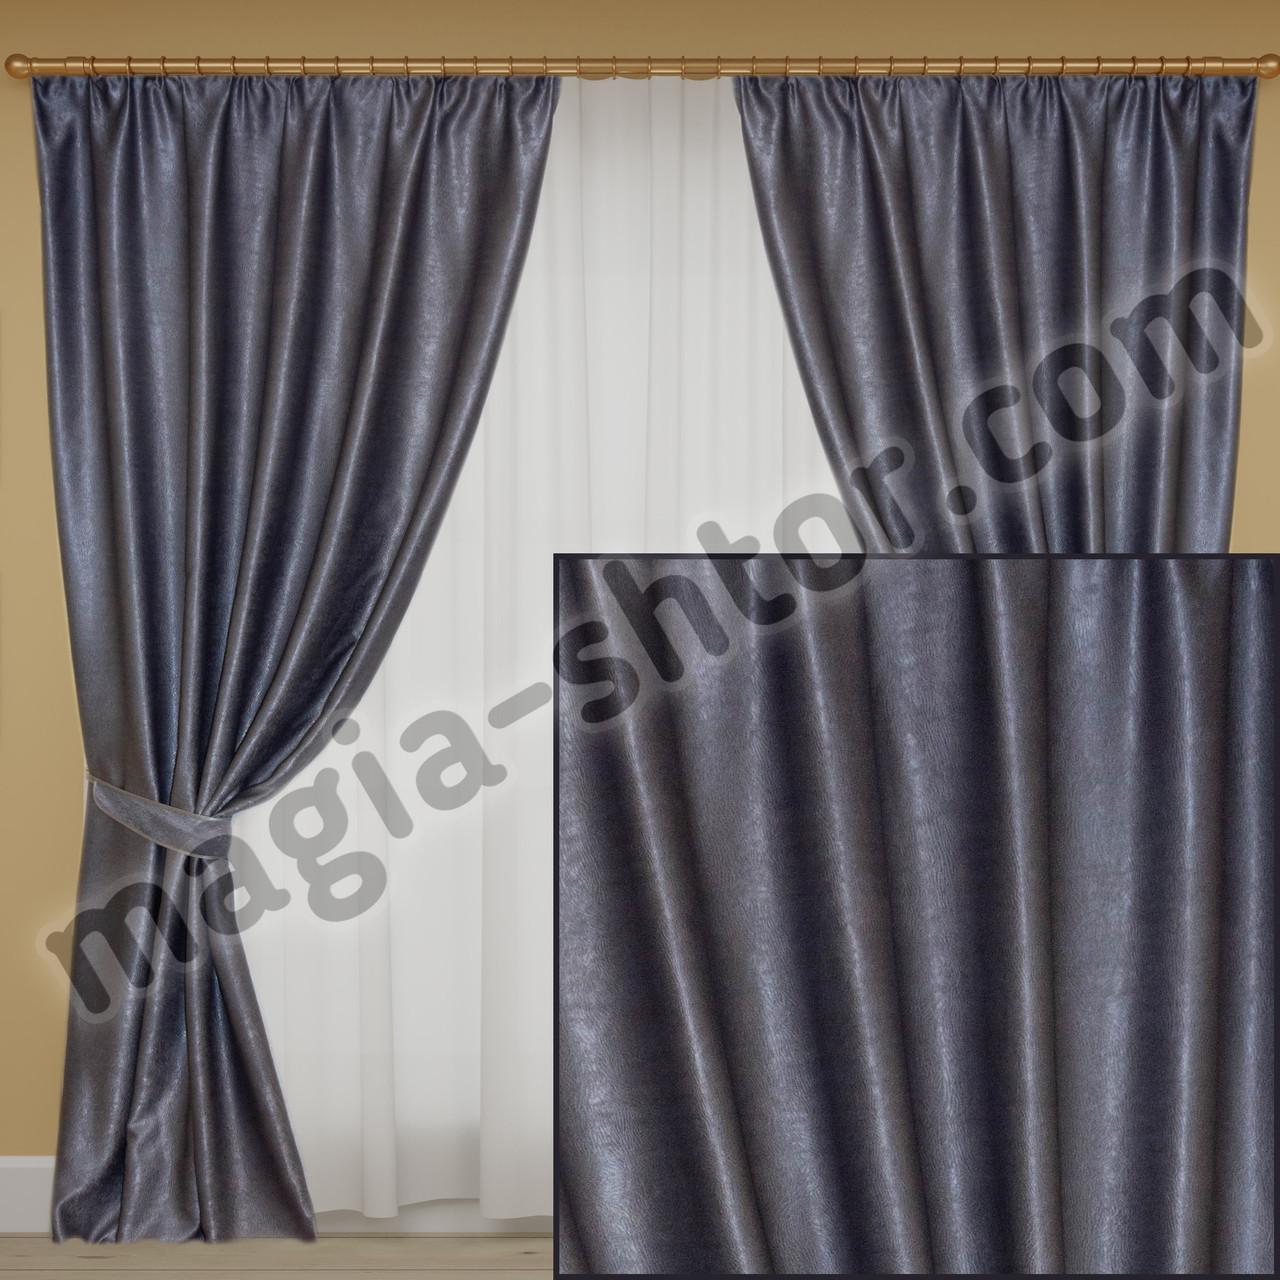 Готовые шторы блэкаут. Комплект: 2 портьеры + 2 подхвата